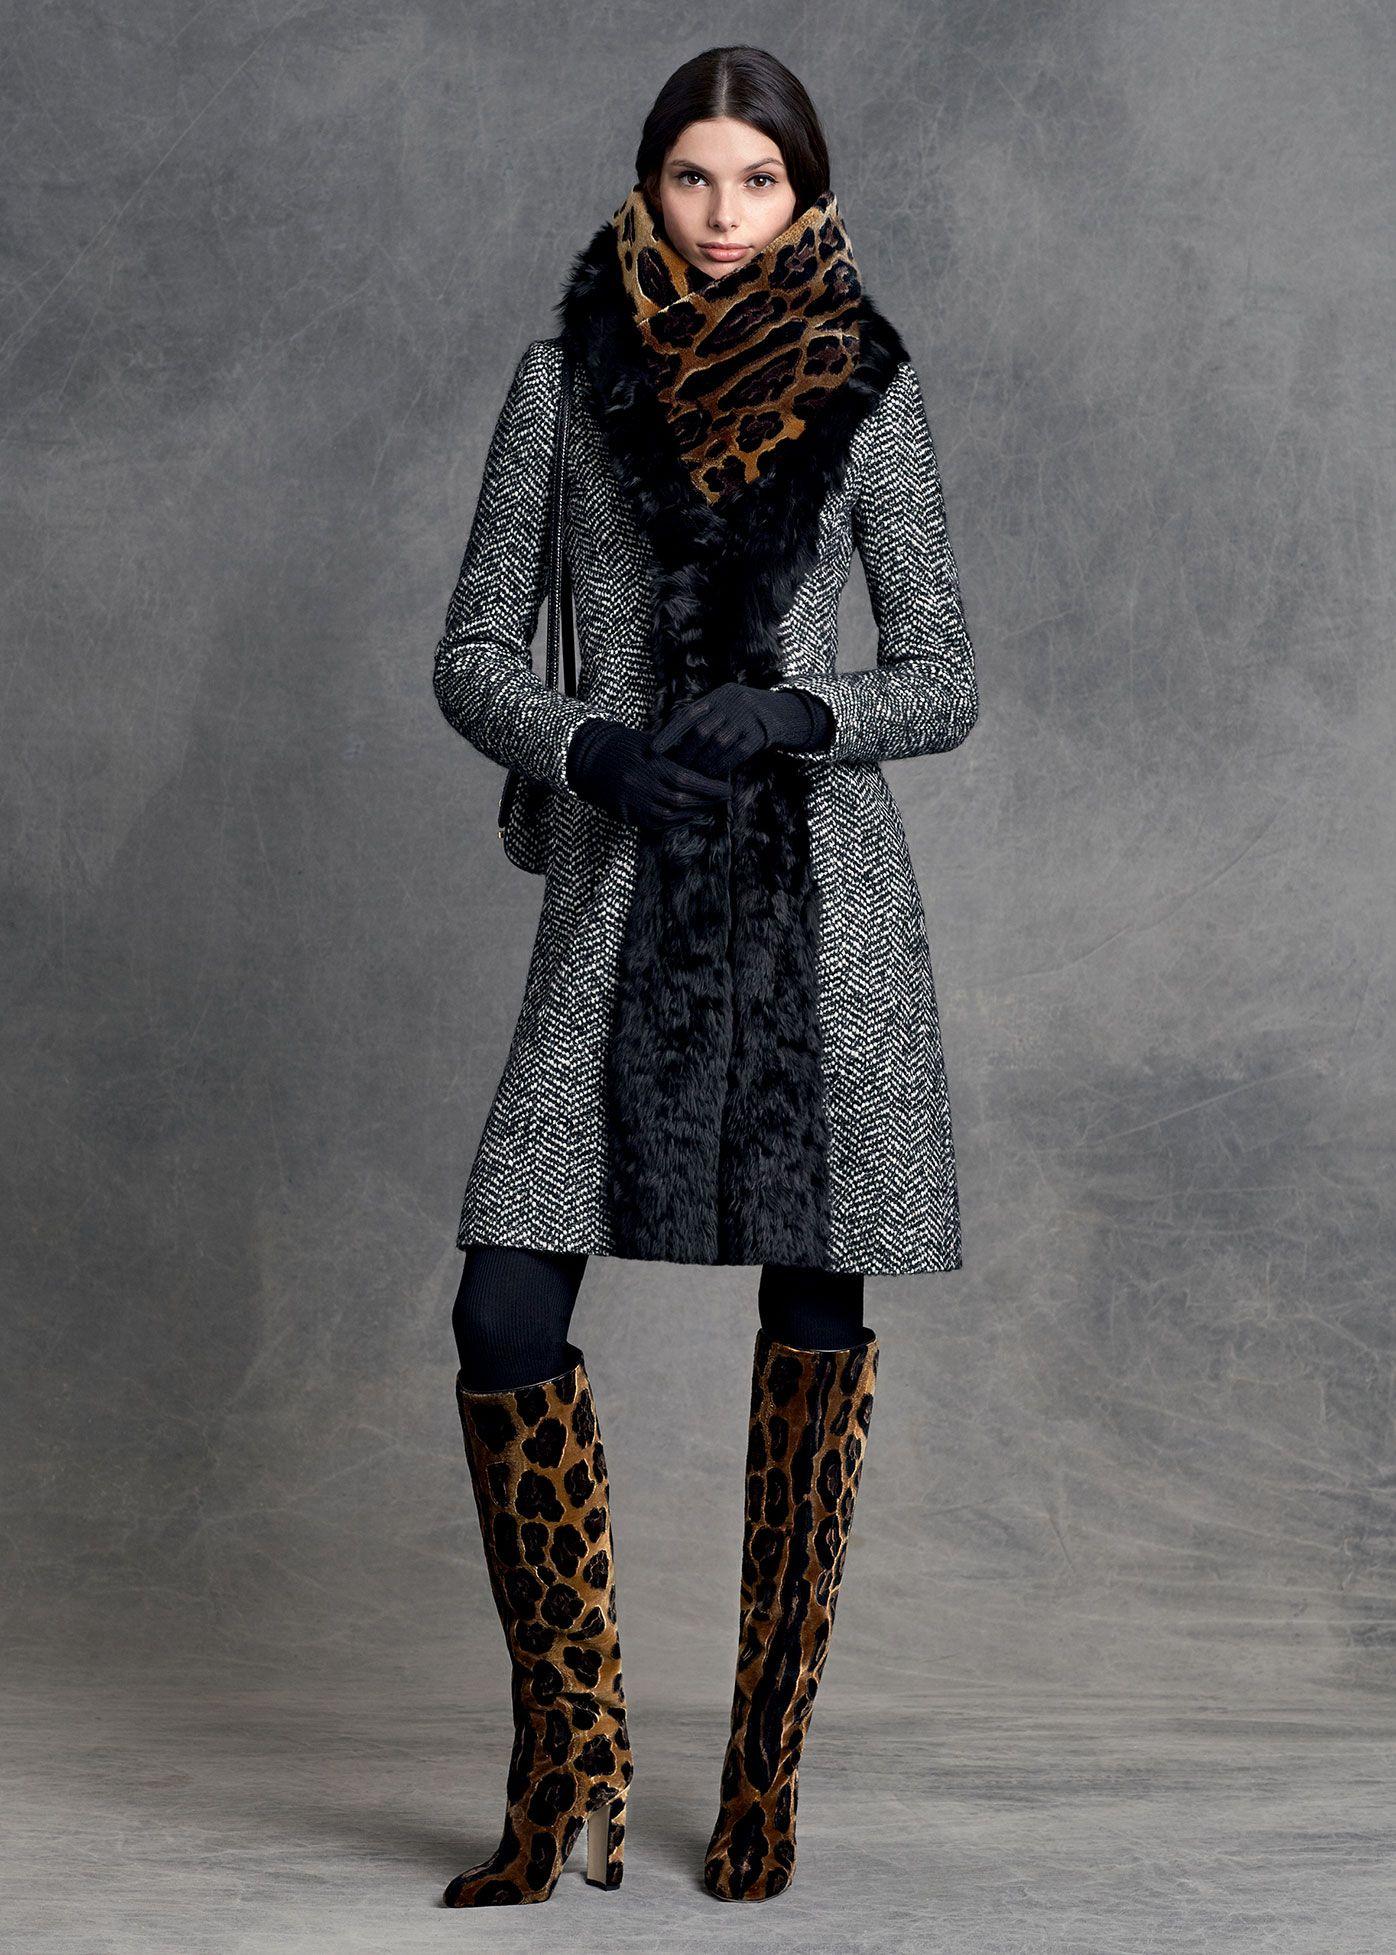 Dolce   Gabbana Abbigliamento Donna Inverno 2016 Stampe A Pelle Di  Leopardo 11839dd8bba